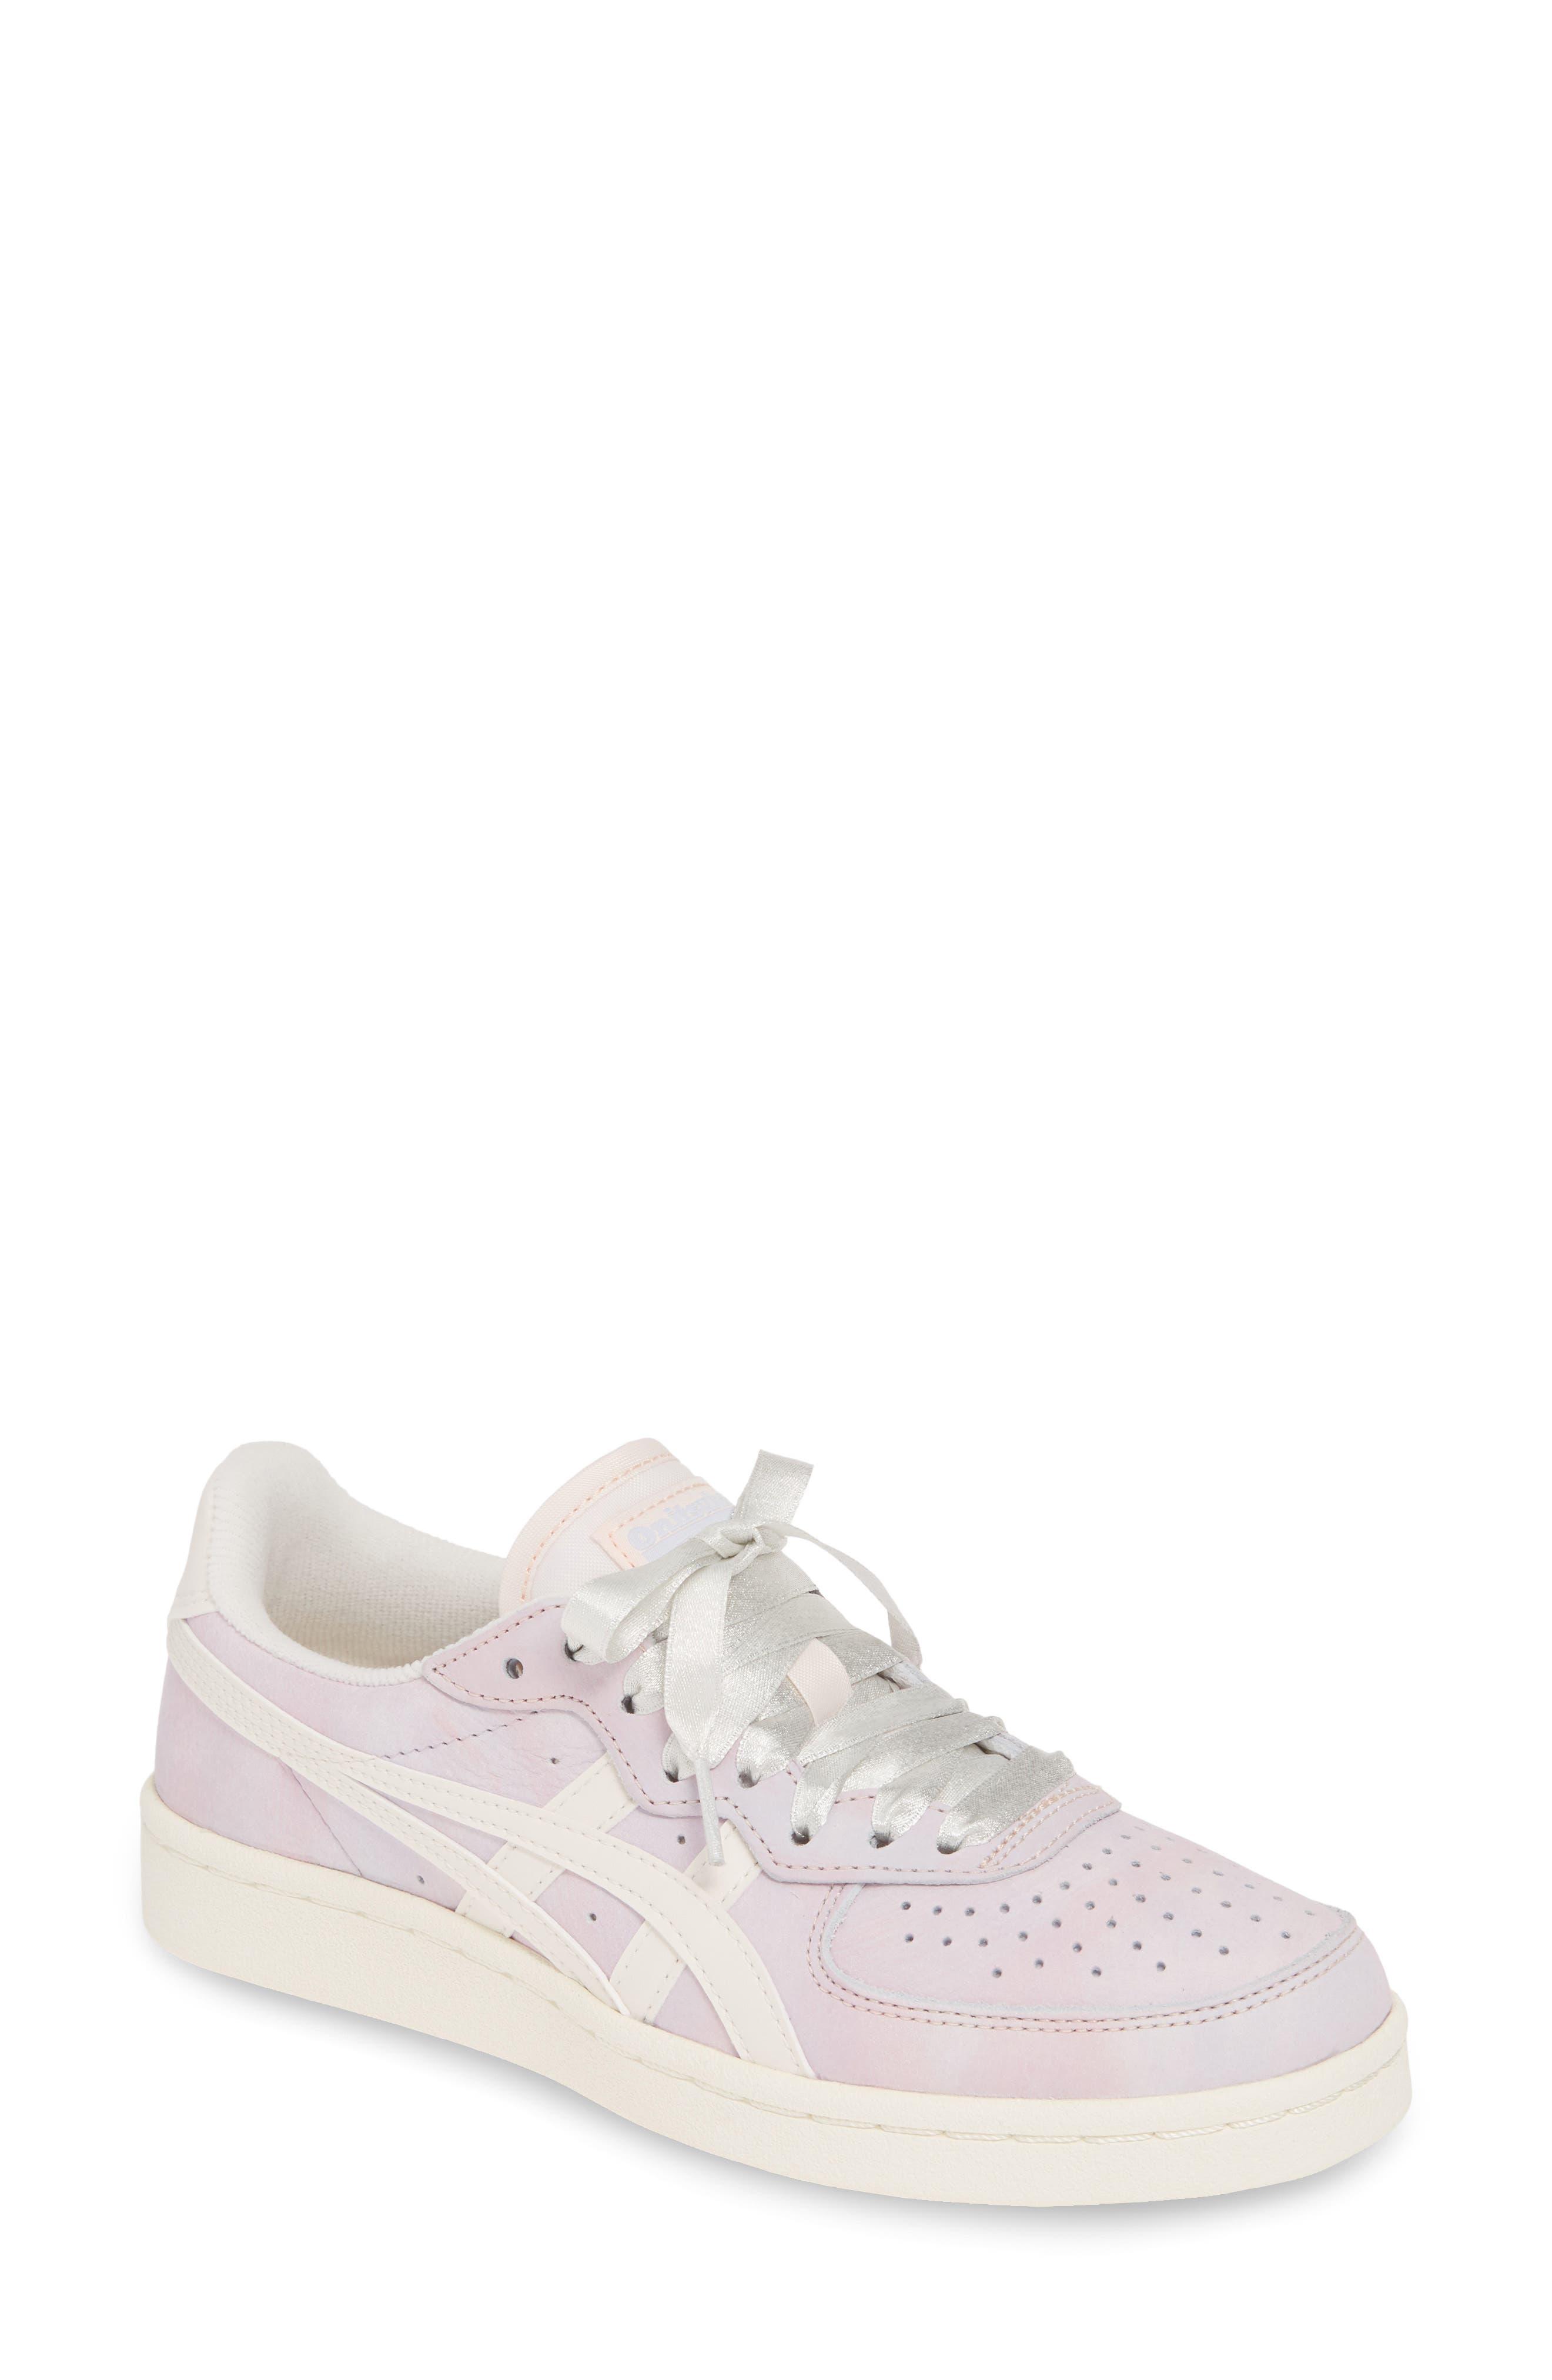 Asics Gsm Sneaker B - Pink